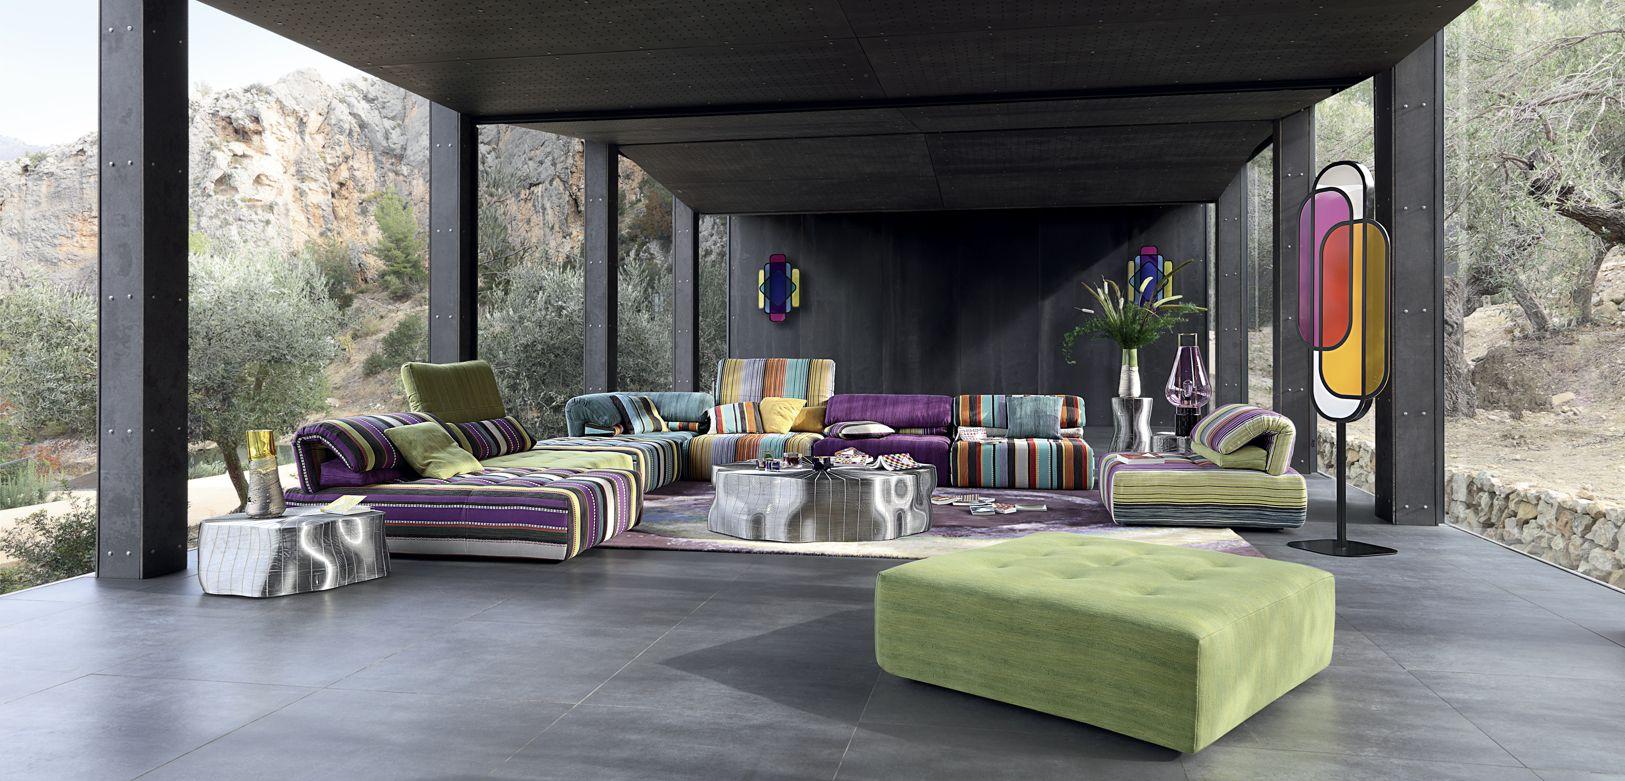 voyage immobile canap composable par l ments roche bobois. Black Bedroom Furniture Sets. Home Design Ideas